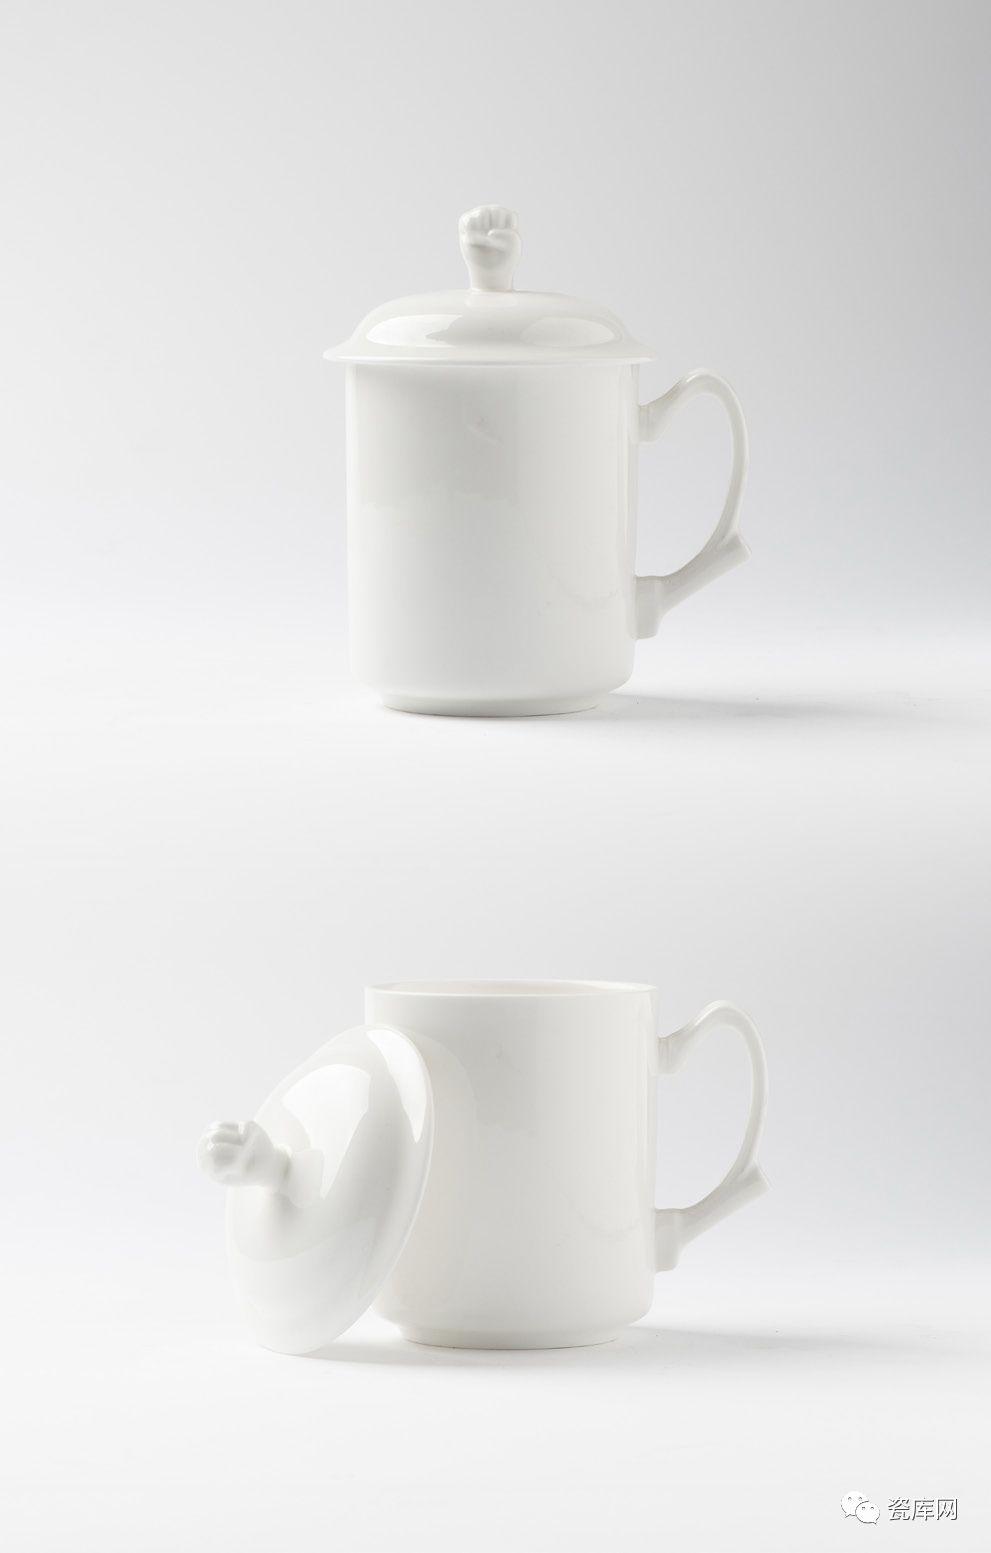 定制骨质瓷白瓷盖杯类23款